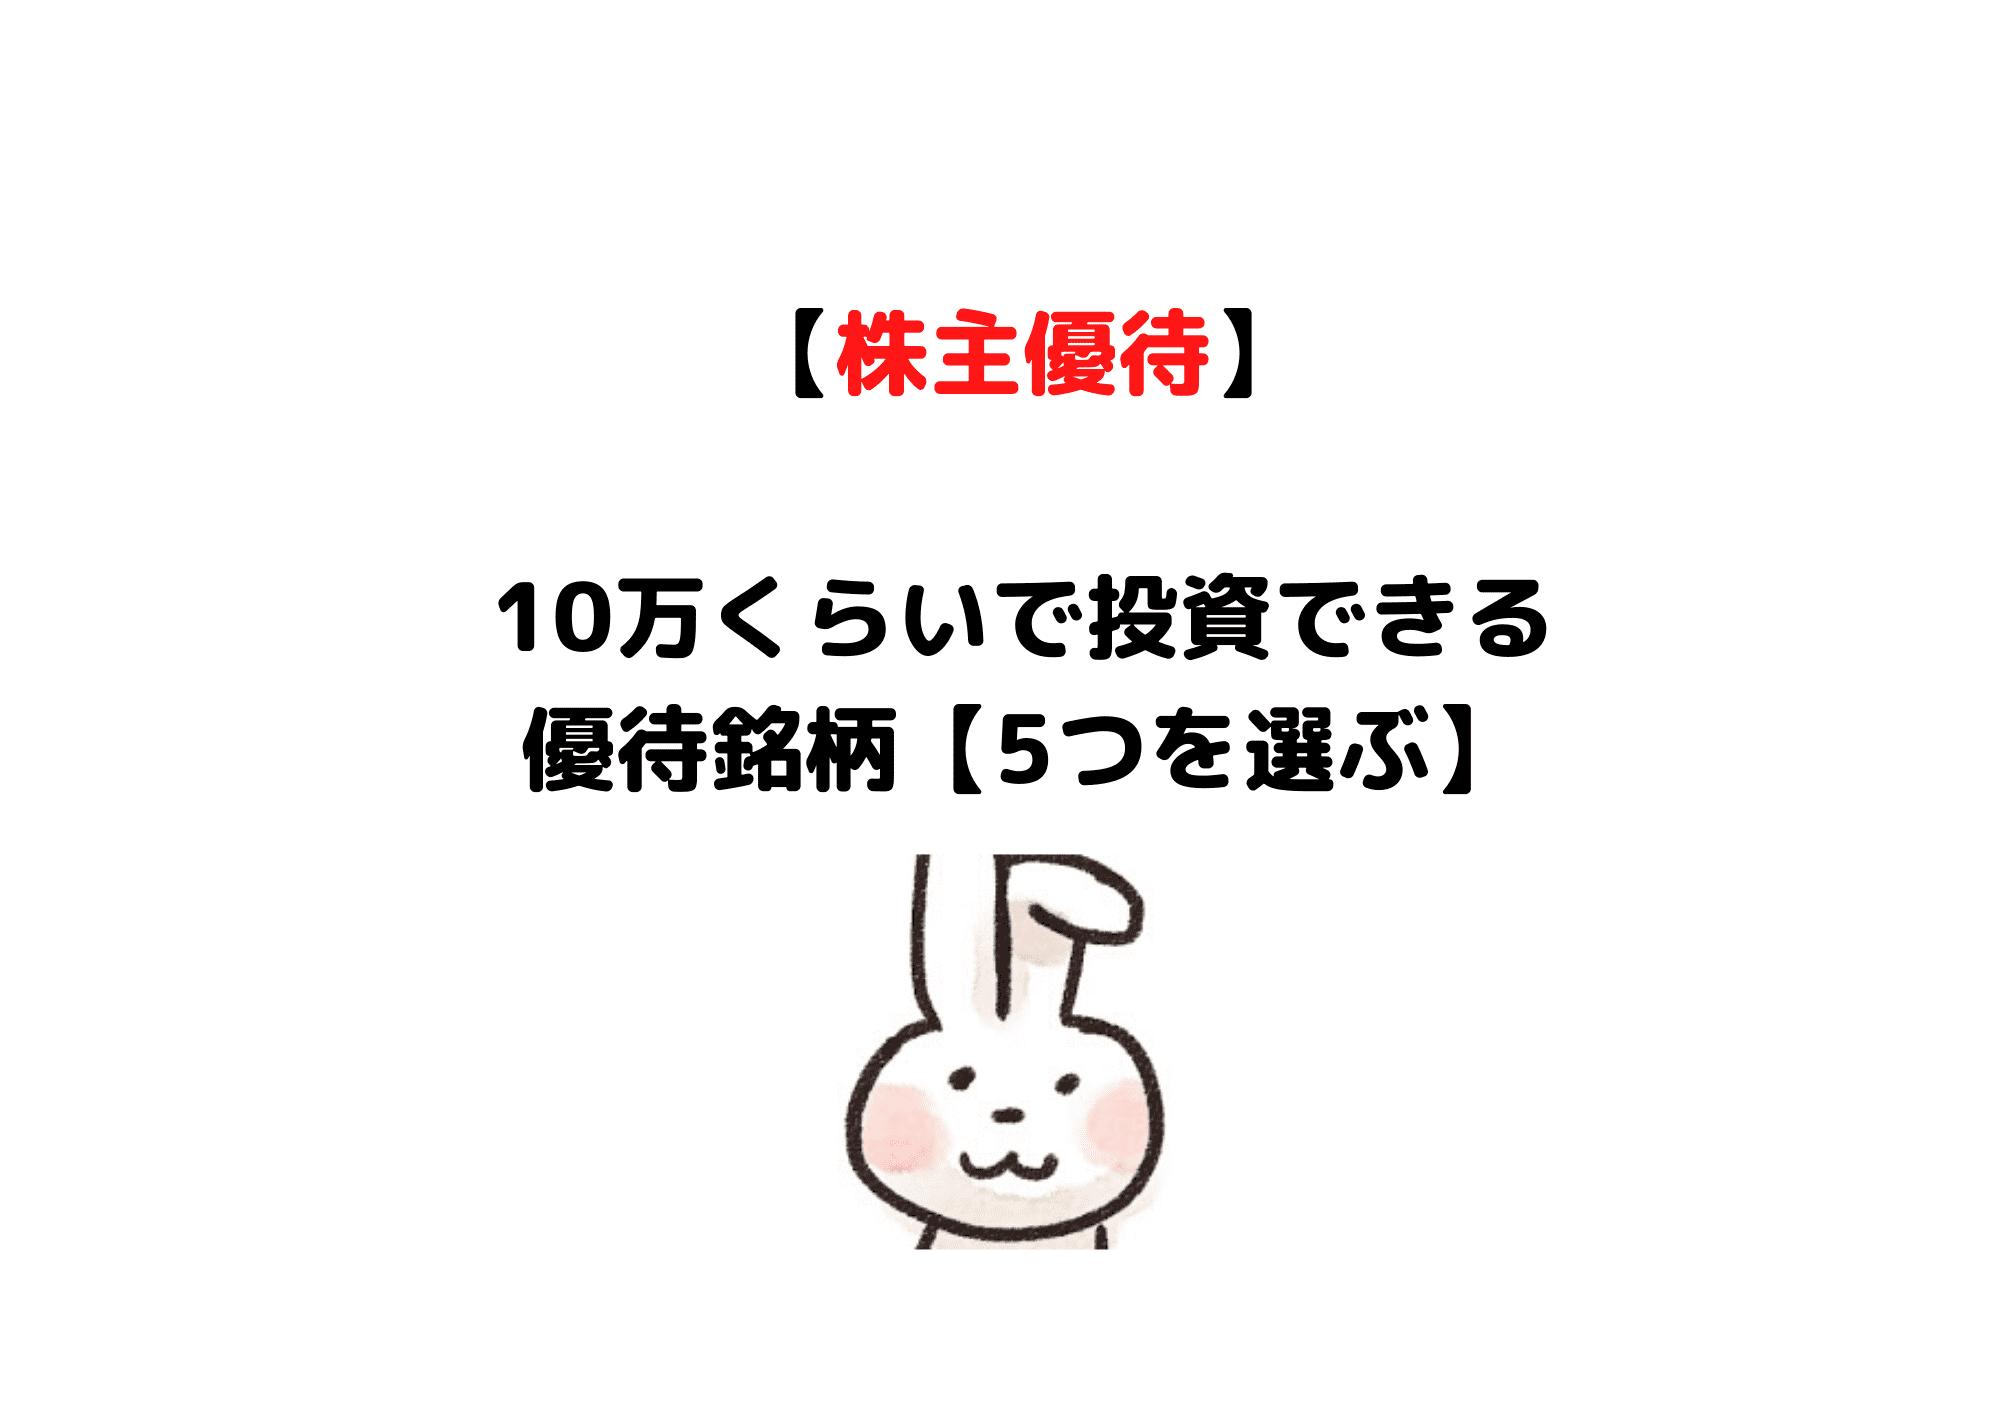 株主優待 (1)